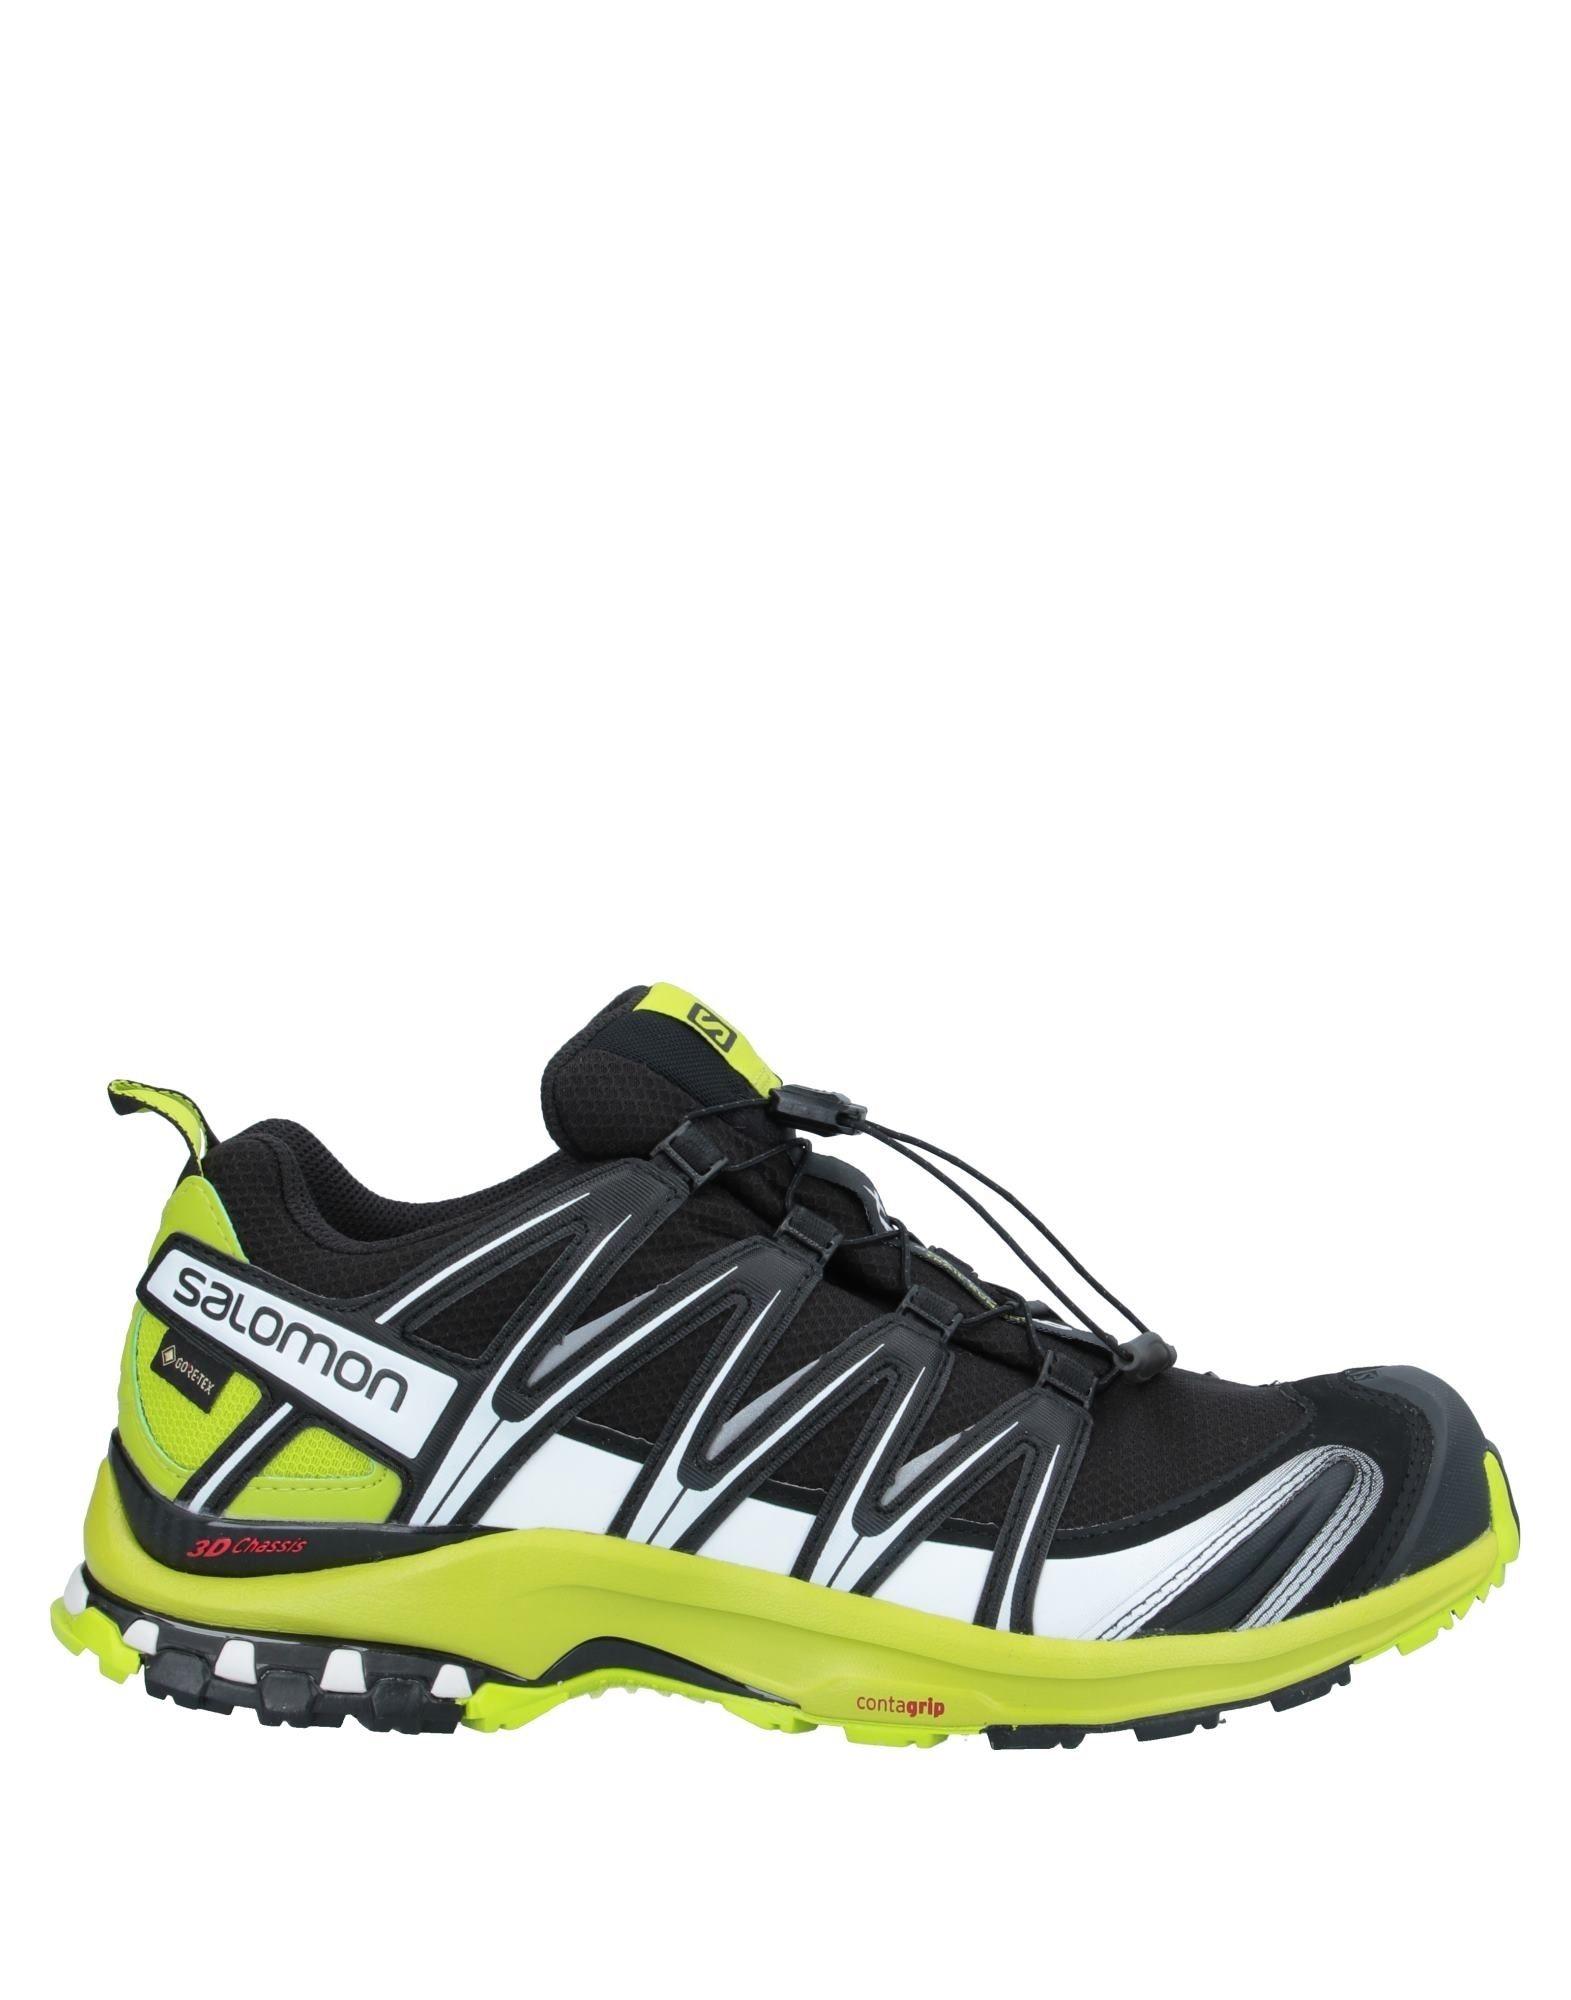 SALOMON Низкие кеды и кроссовки кроссовки мужские salomon snowcross 2 cswp цвет черный l40470400 размер 12 46